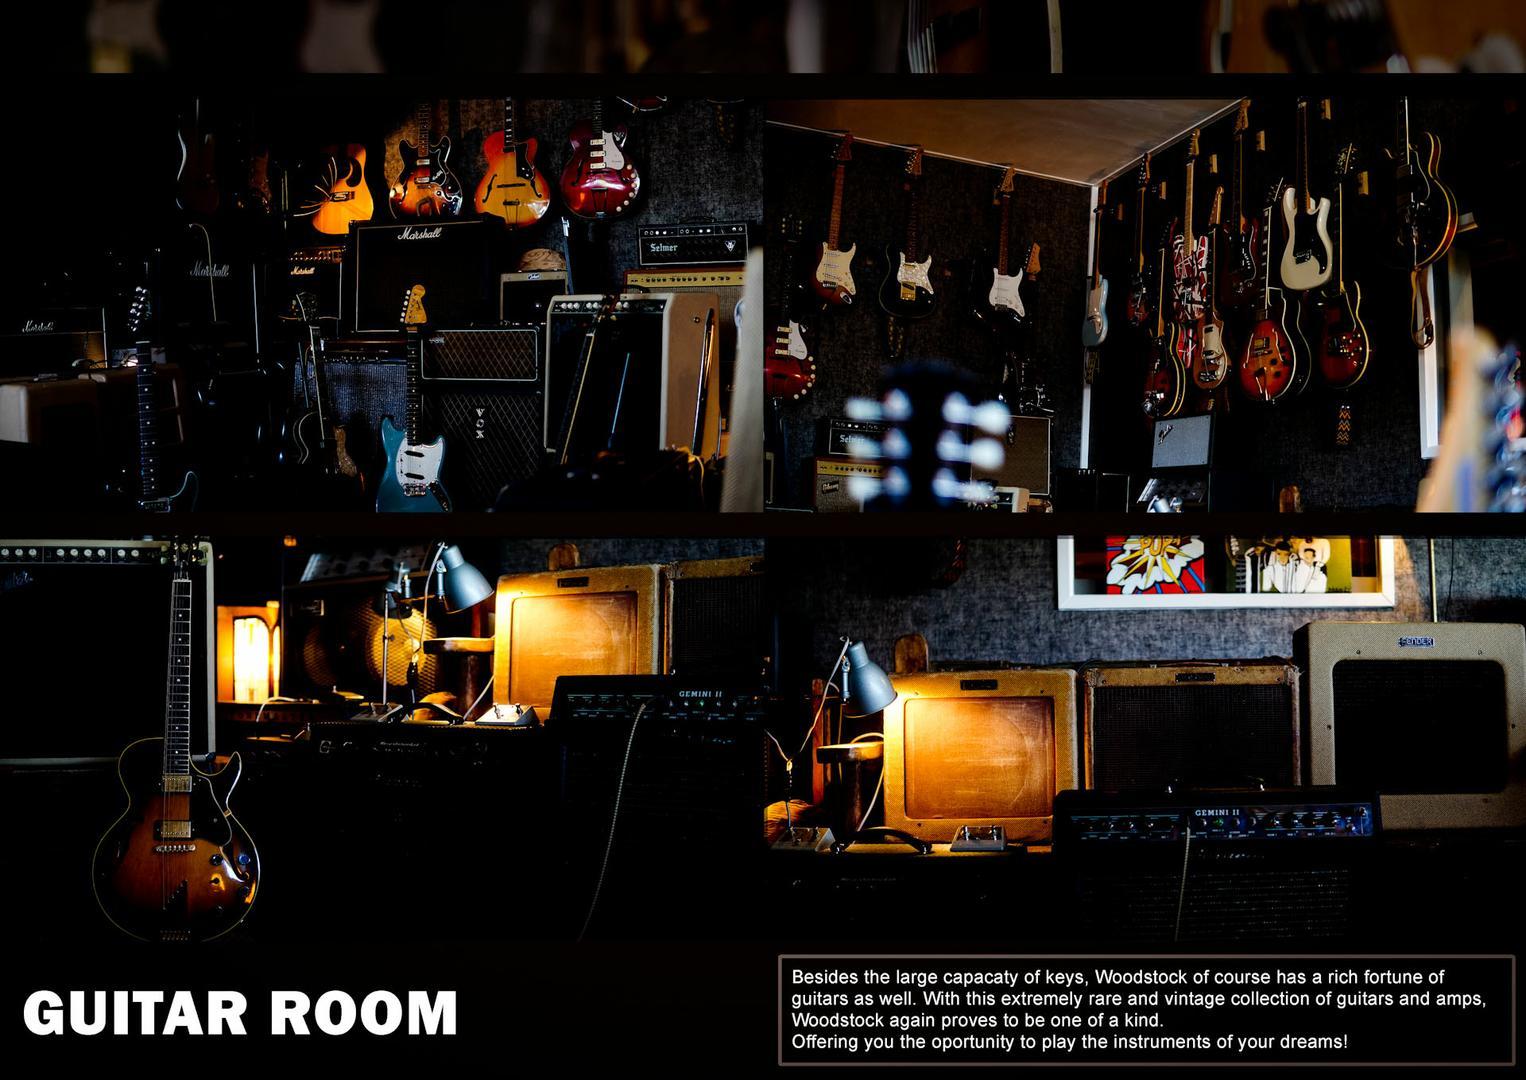 Guitar Room - Woodstock Recording Studio